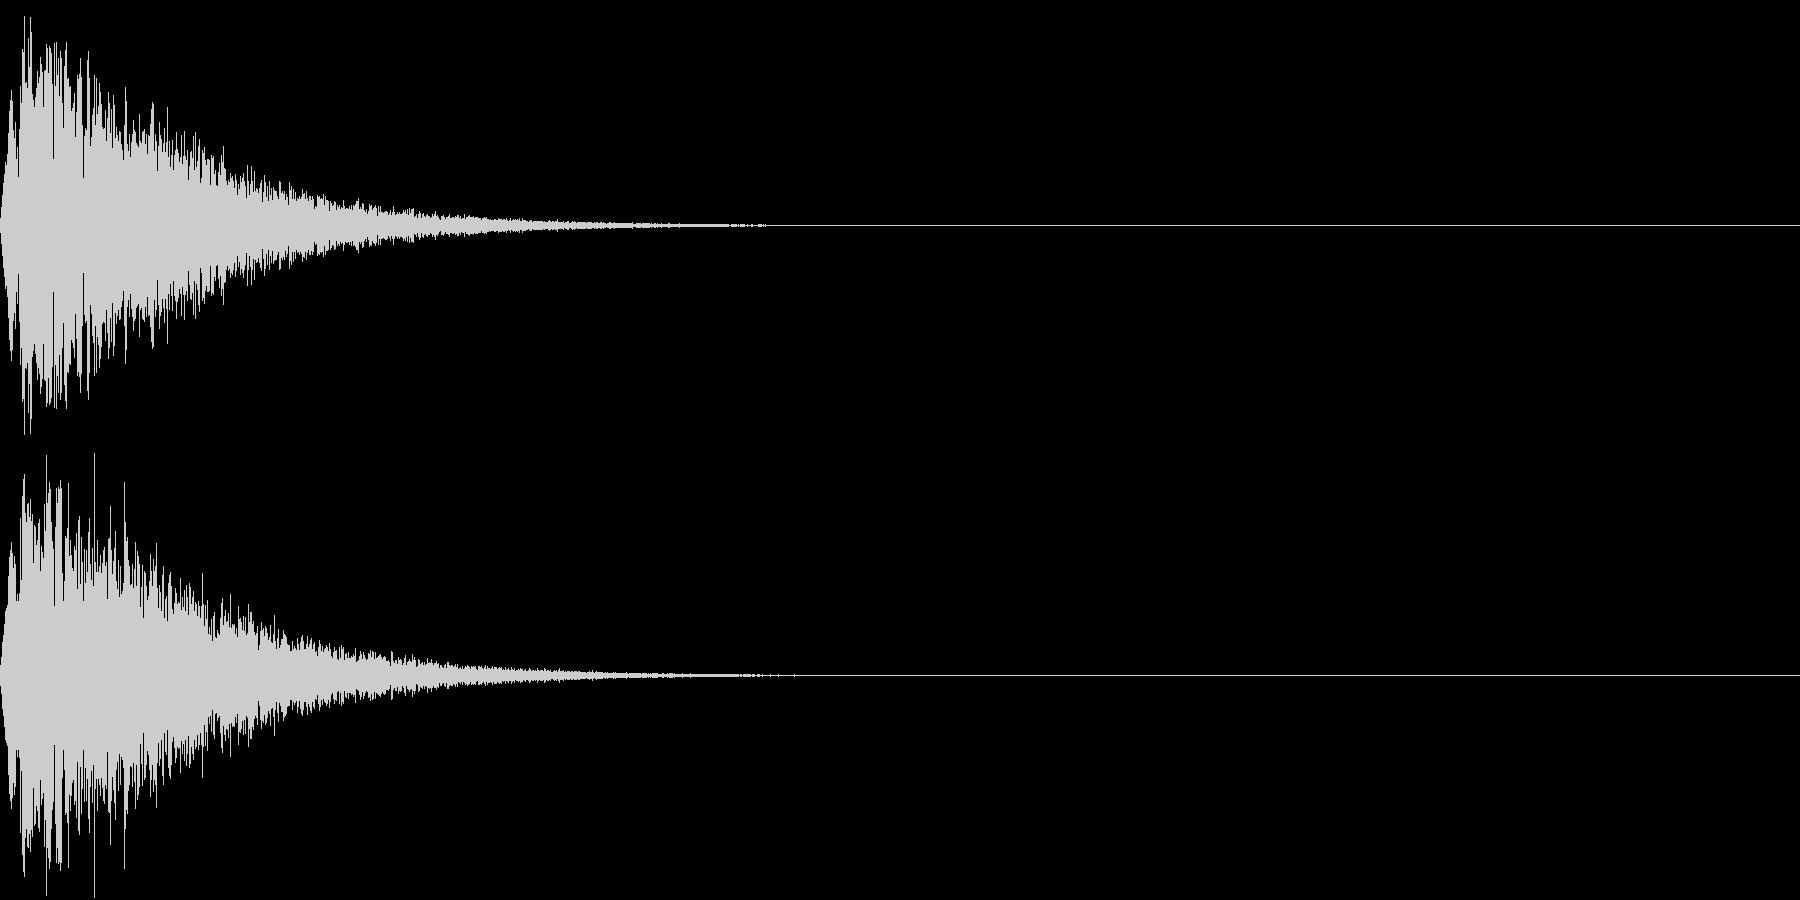 キュイン ボタン ピキーン キーン 15の未再生の波形